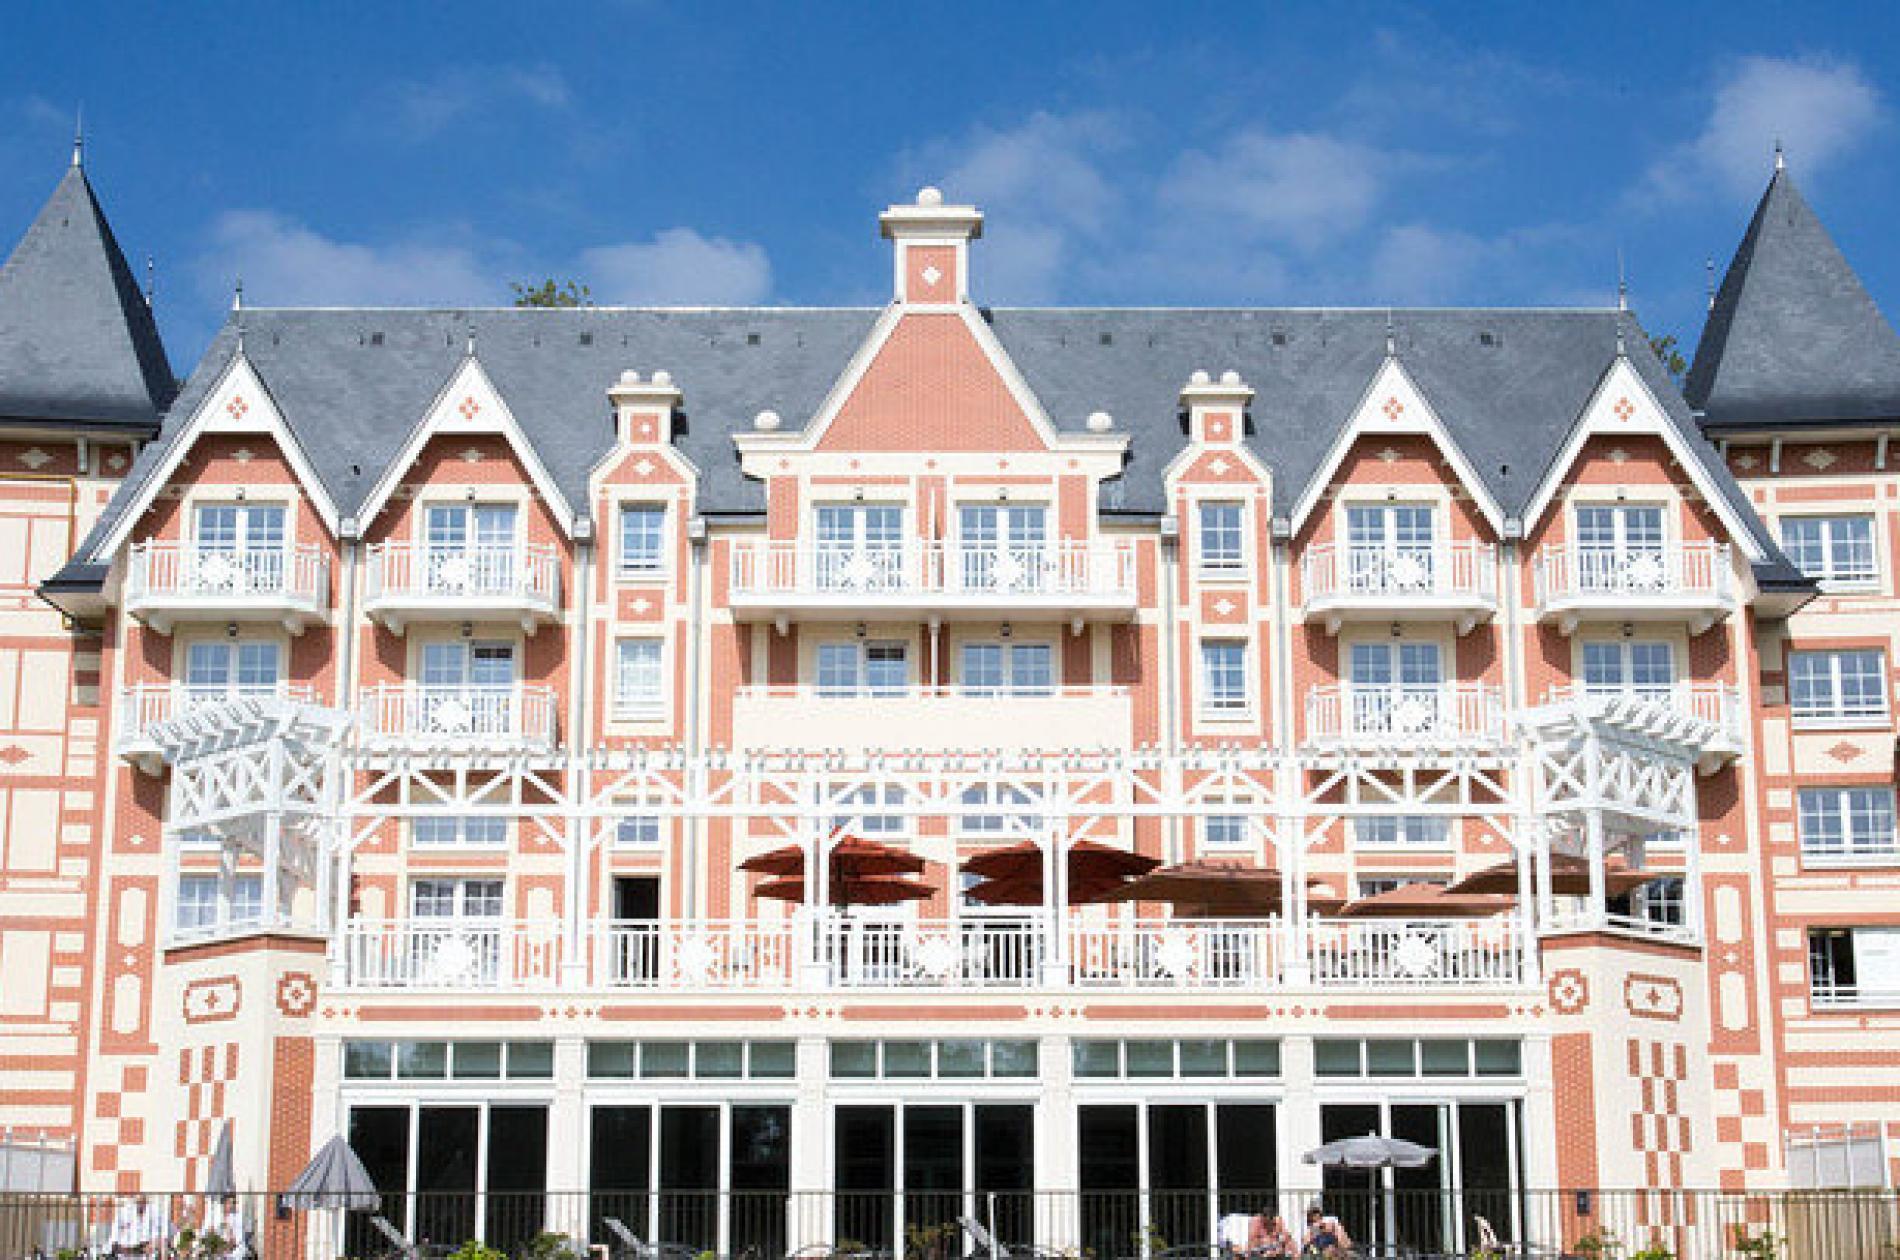 B'O Resort of Bagnoles de l'Orne